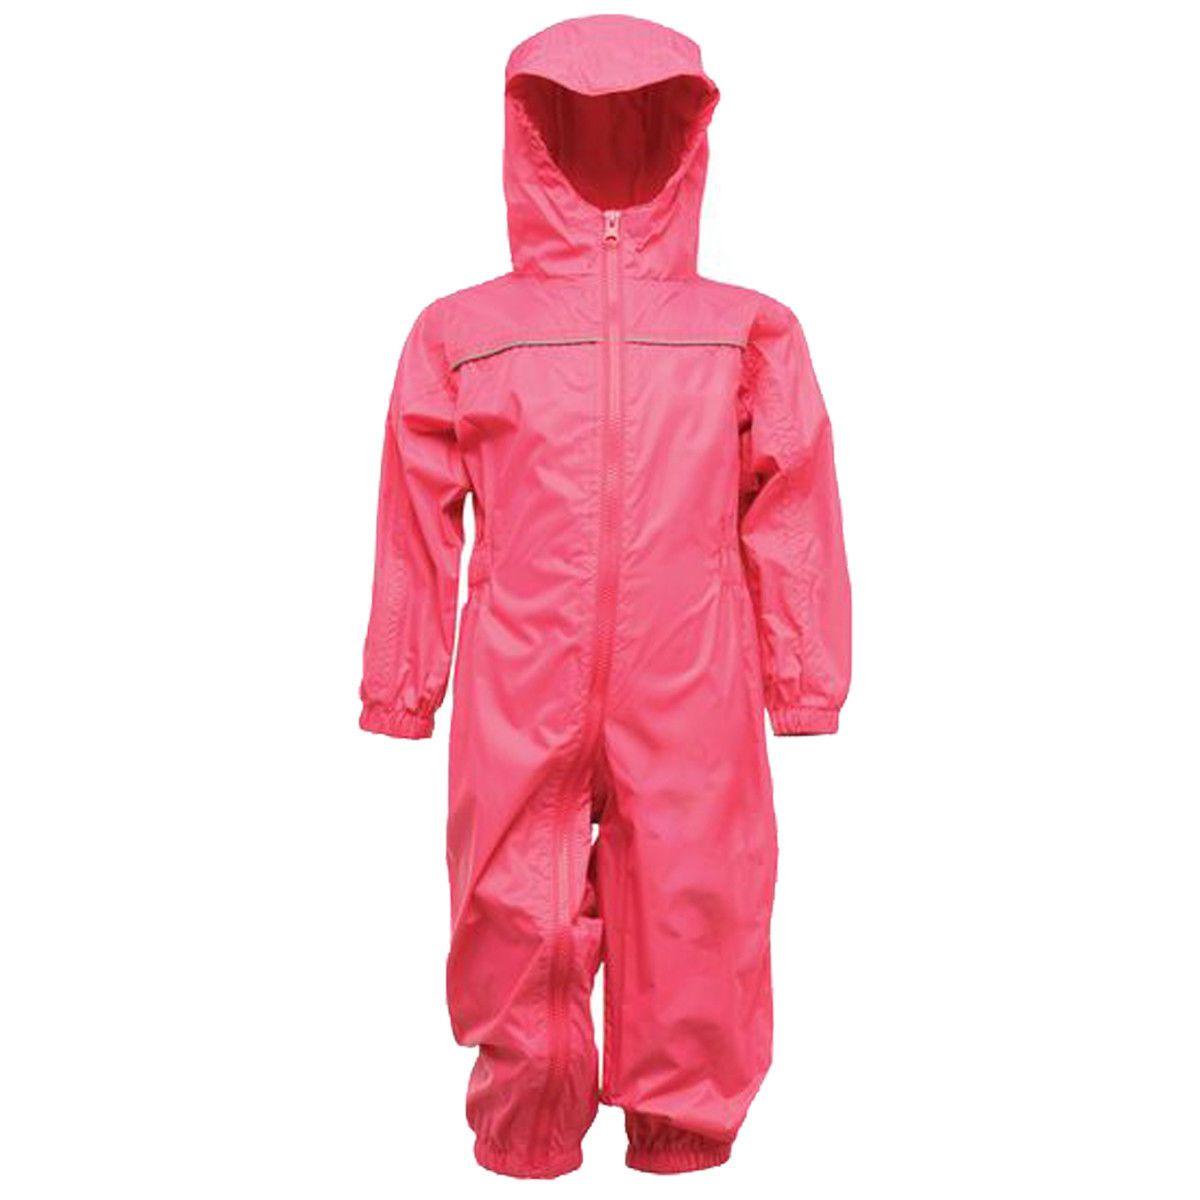 Regatta Kid's Breathable Rain Suit Various Colours L_TRW466 - Jem 12 to 18 Months